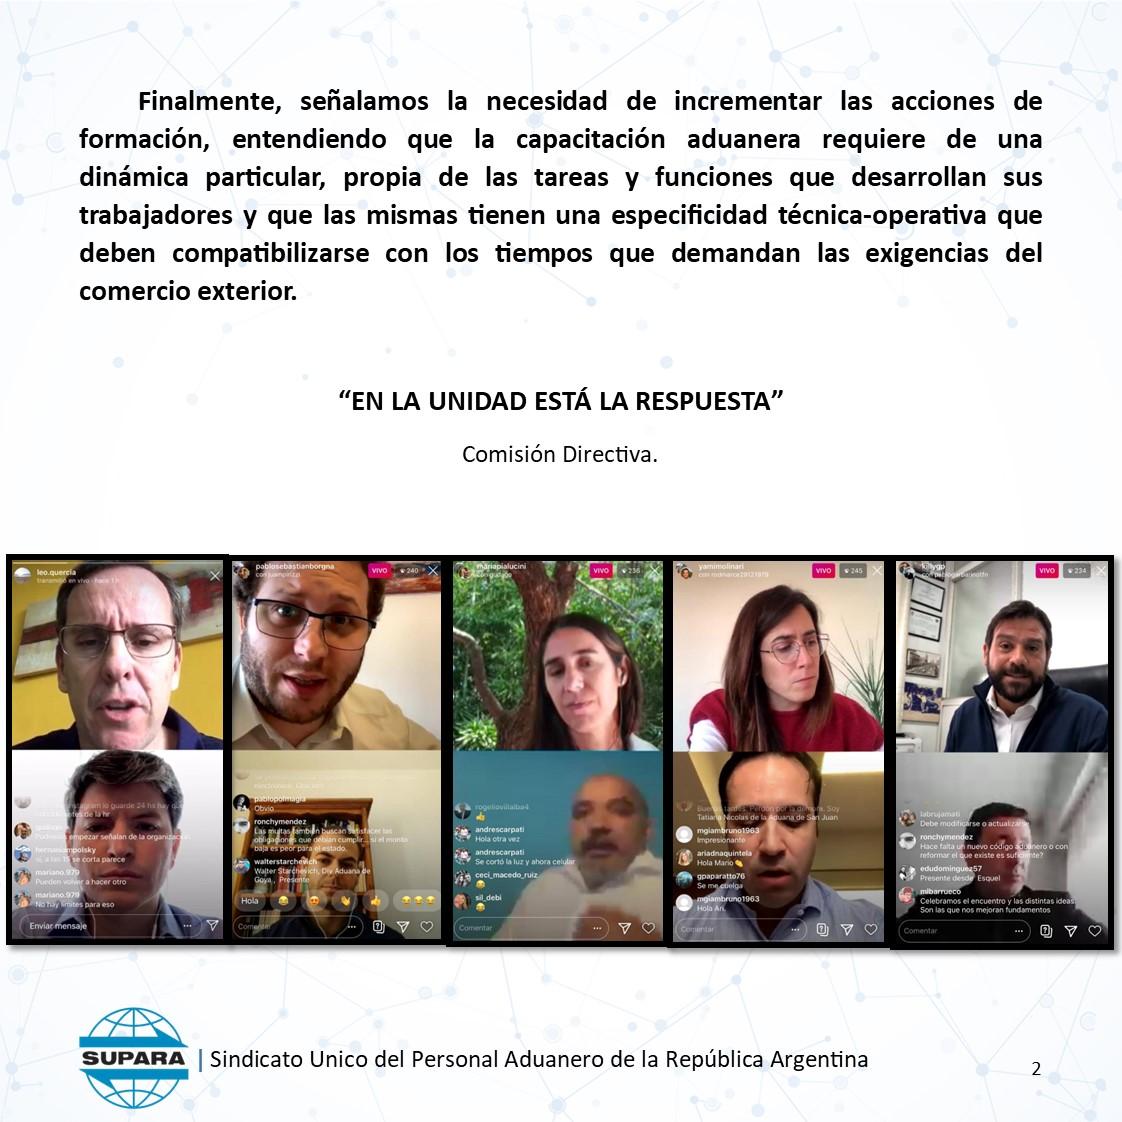 2020 05 08 FINALIZACIÓN DEL TALLER DE ACTUALIZACION JURISPRUDENCIA ADUANERA 2